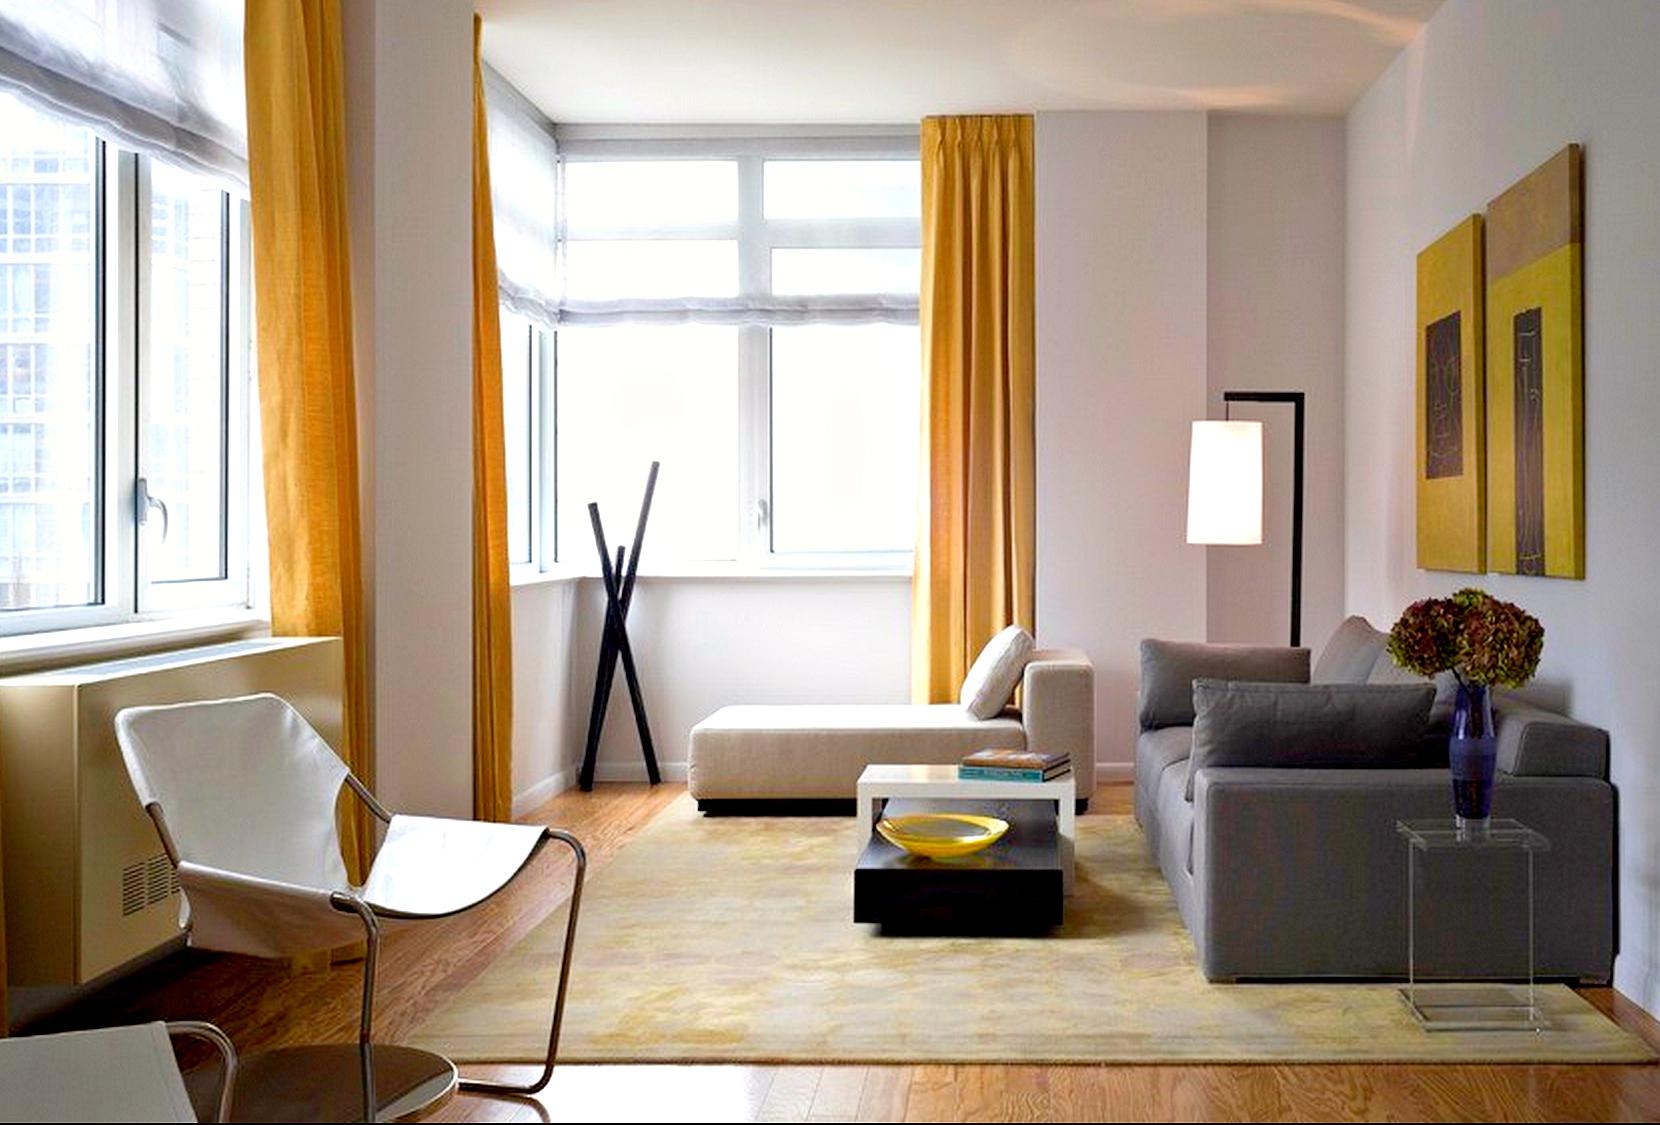 Желтая кухня: сочетание желтого с другими цветами в интерьере, кухня с коричневыми фасадами